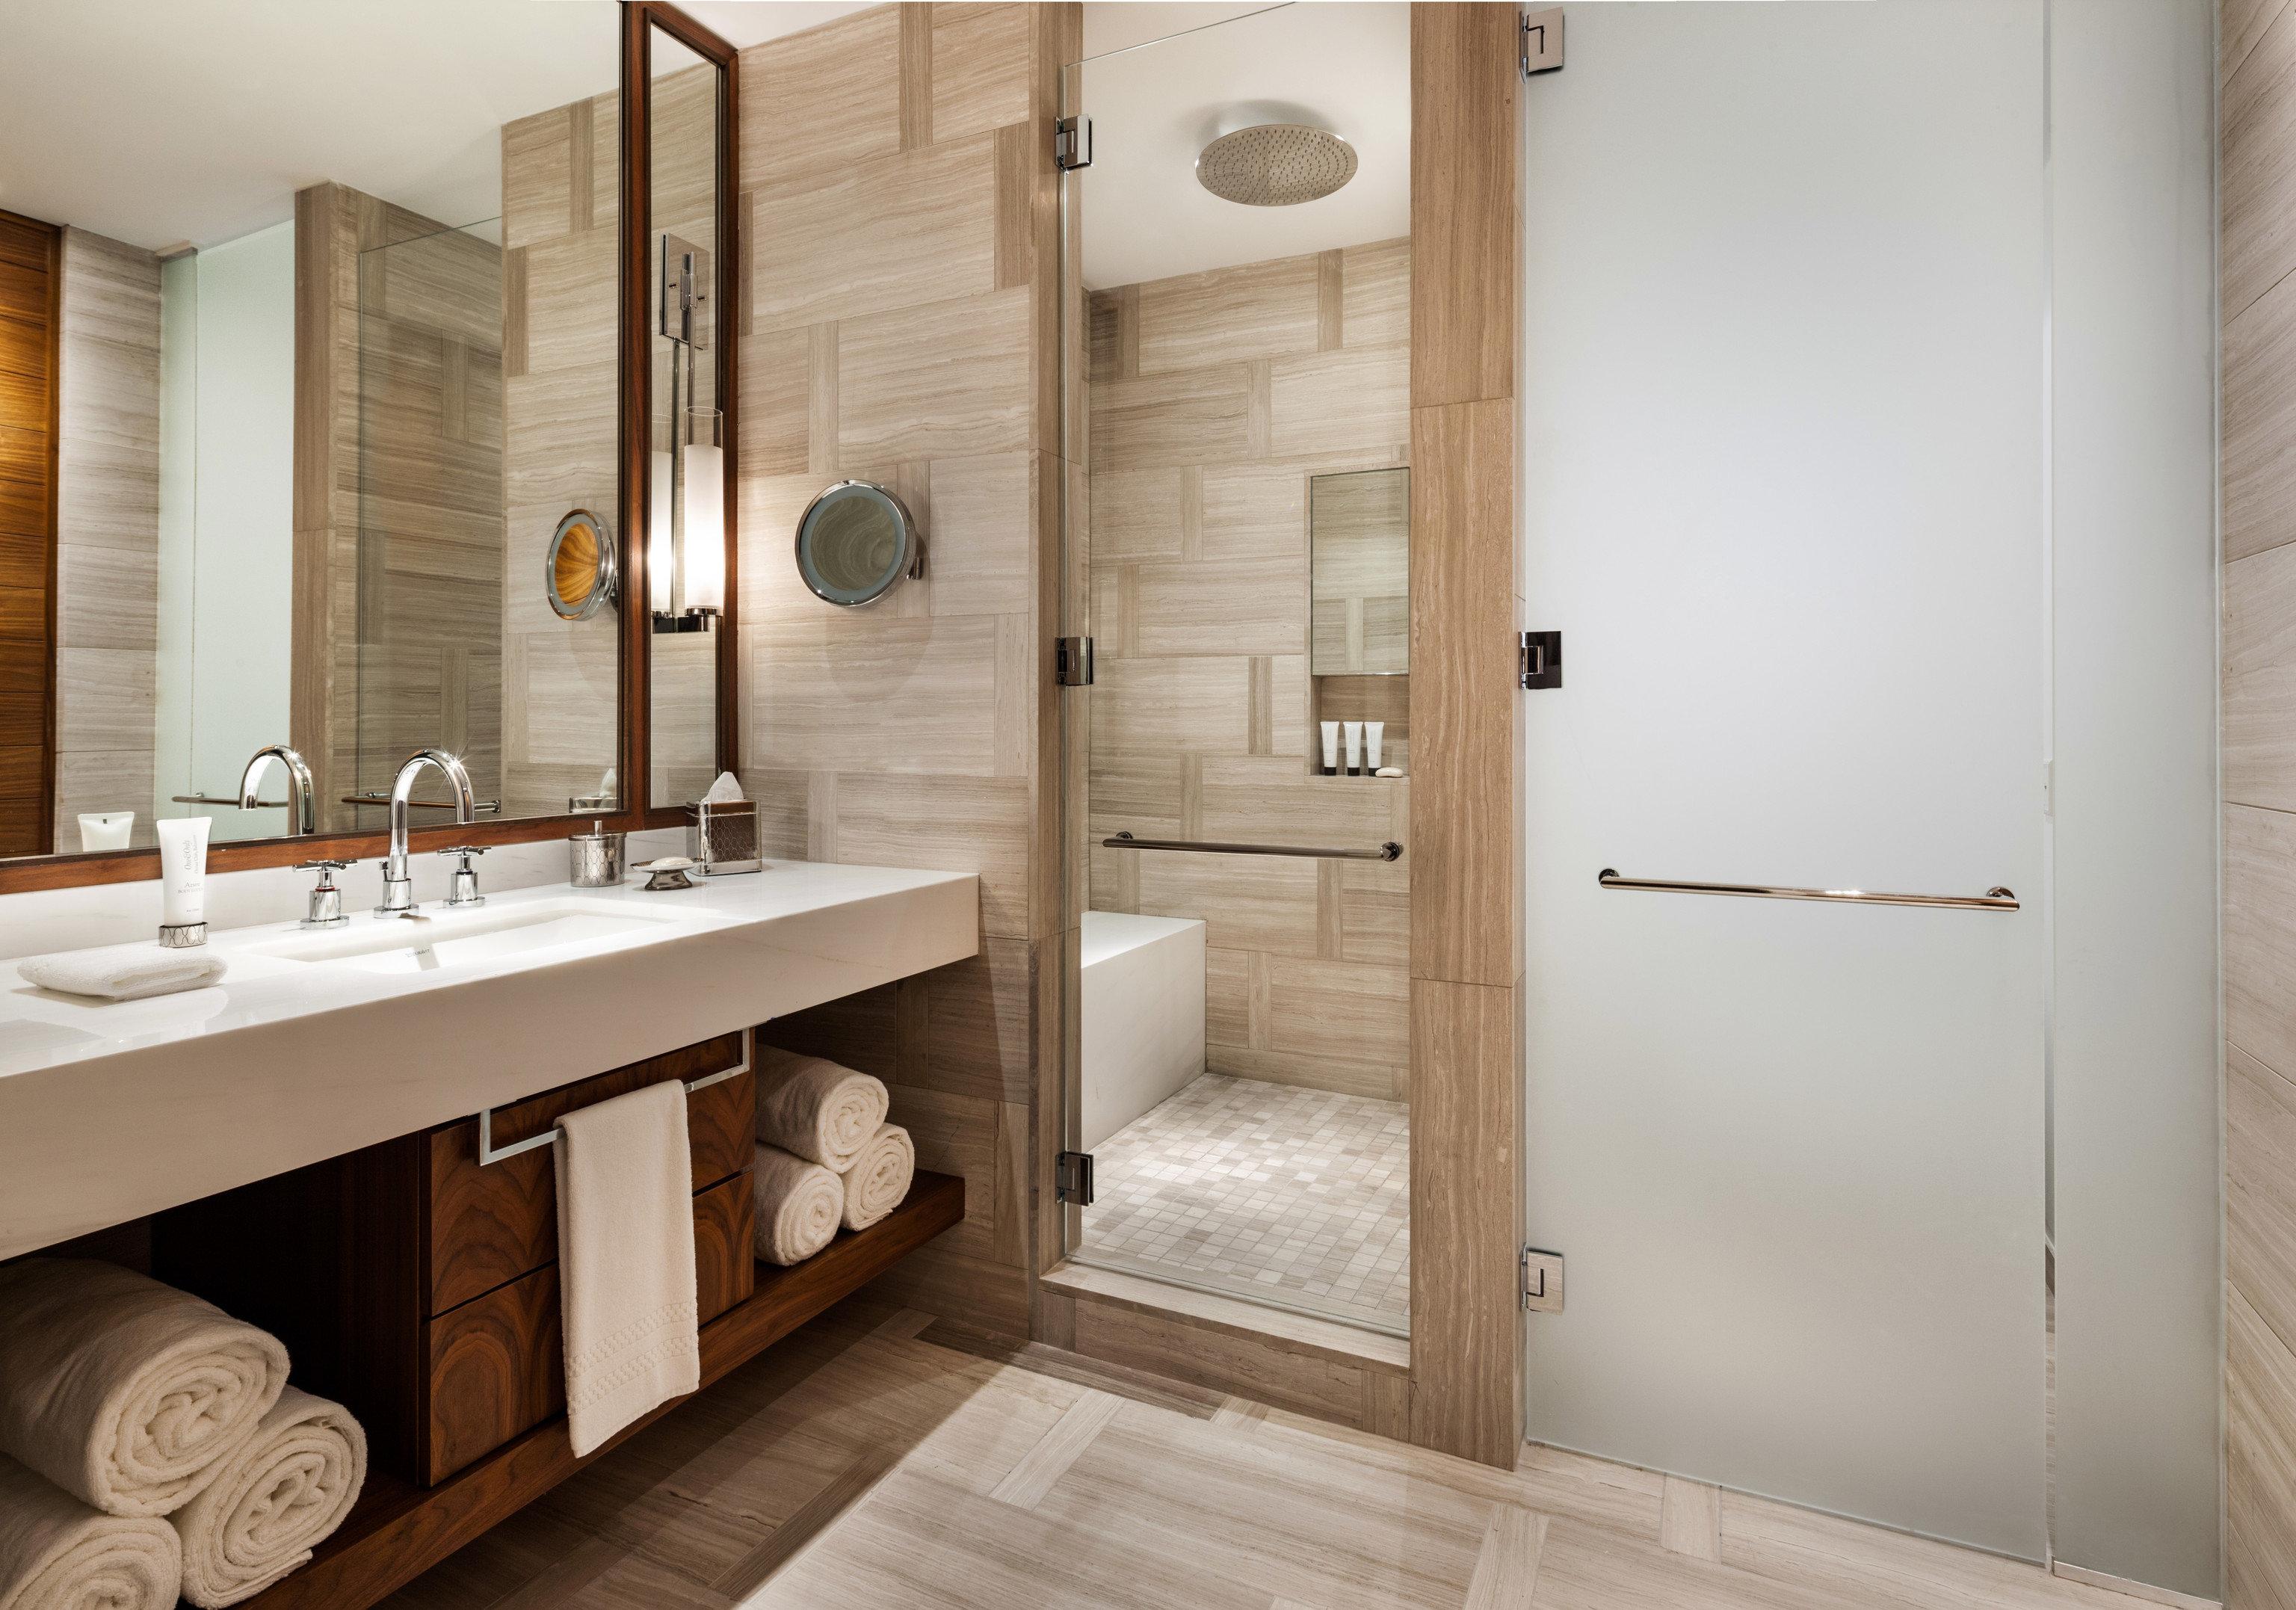 bathroom property cabinetry sink home flooring plumbing fixture